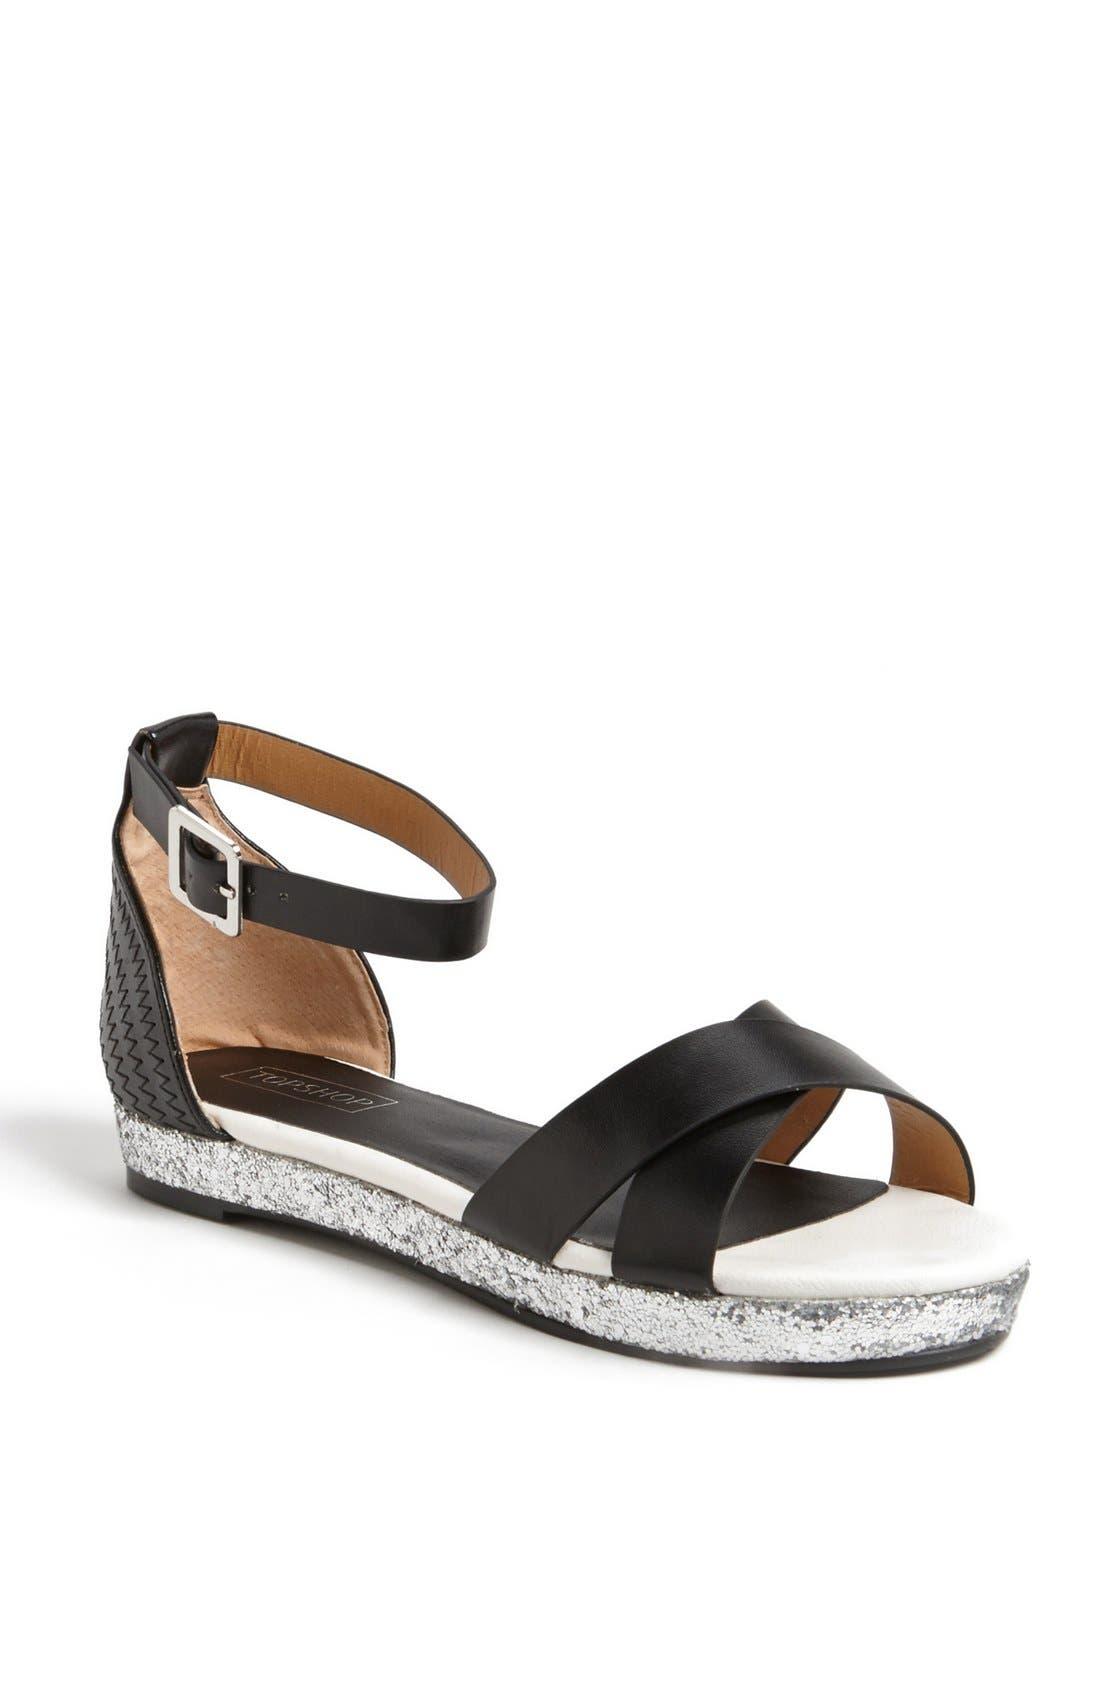 Main Image - Topshop 'Hyper Glitter' Sandal